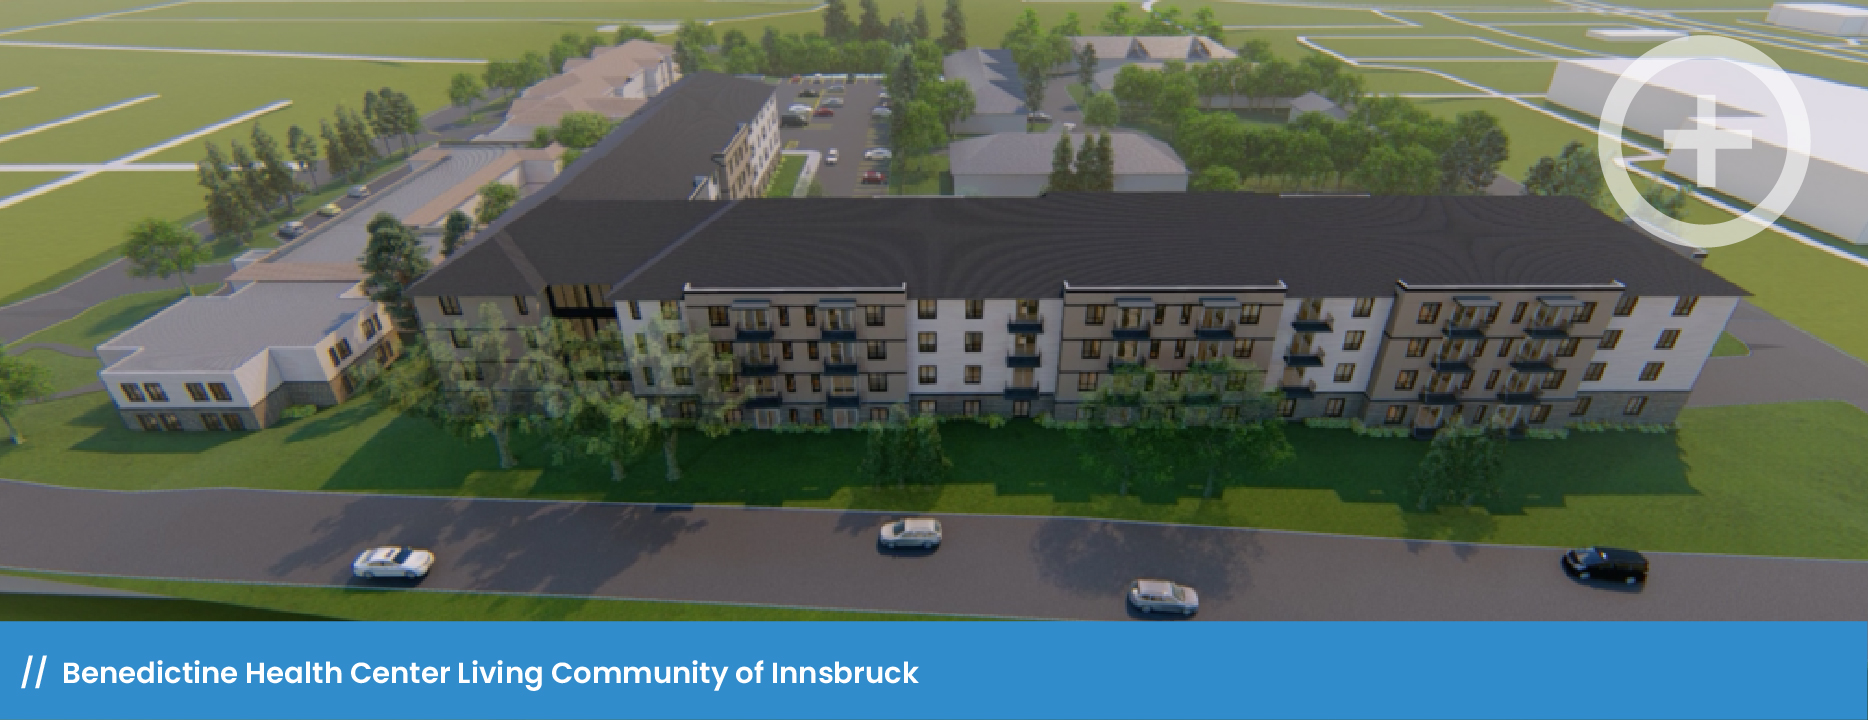 Yanik-Watermark_Benedictine Health Center Living Community of Innsbruck